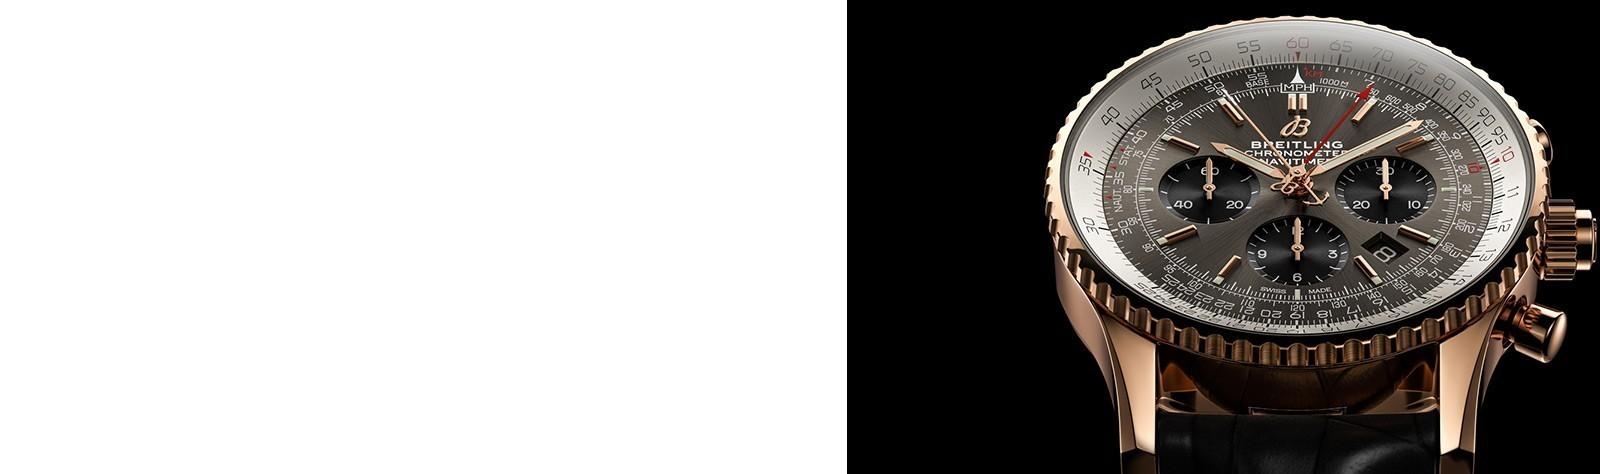 Descubre nuestro Outlet de Relojes Breitling | Santamaría Joyeros